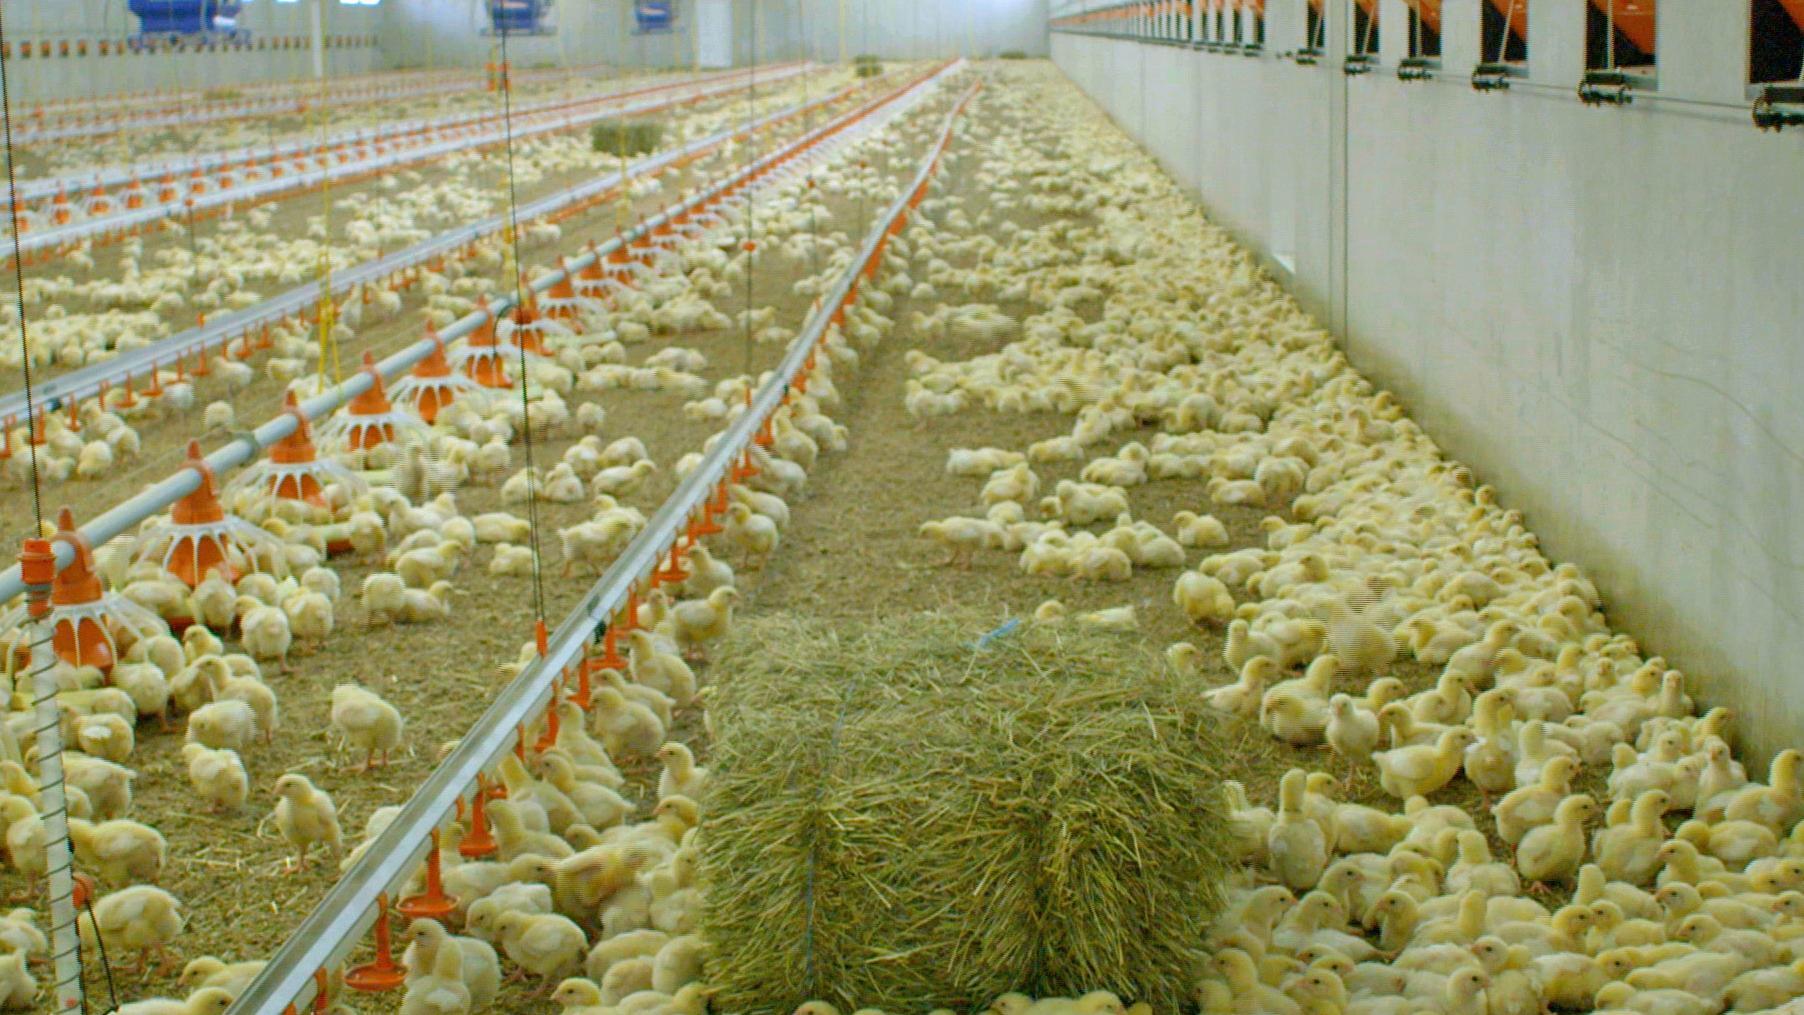 Masthühner in einem Betrieb in Bayern